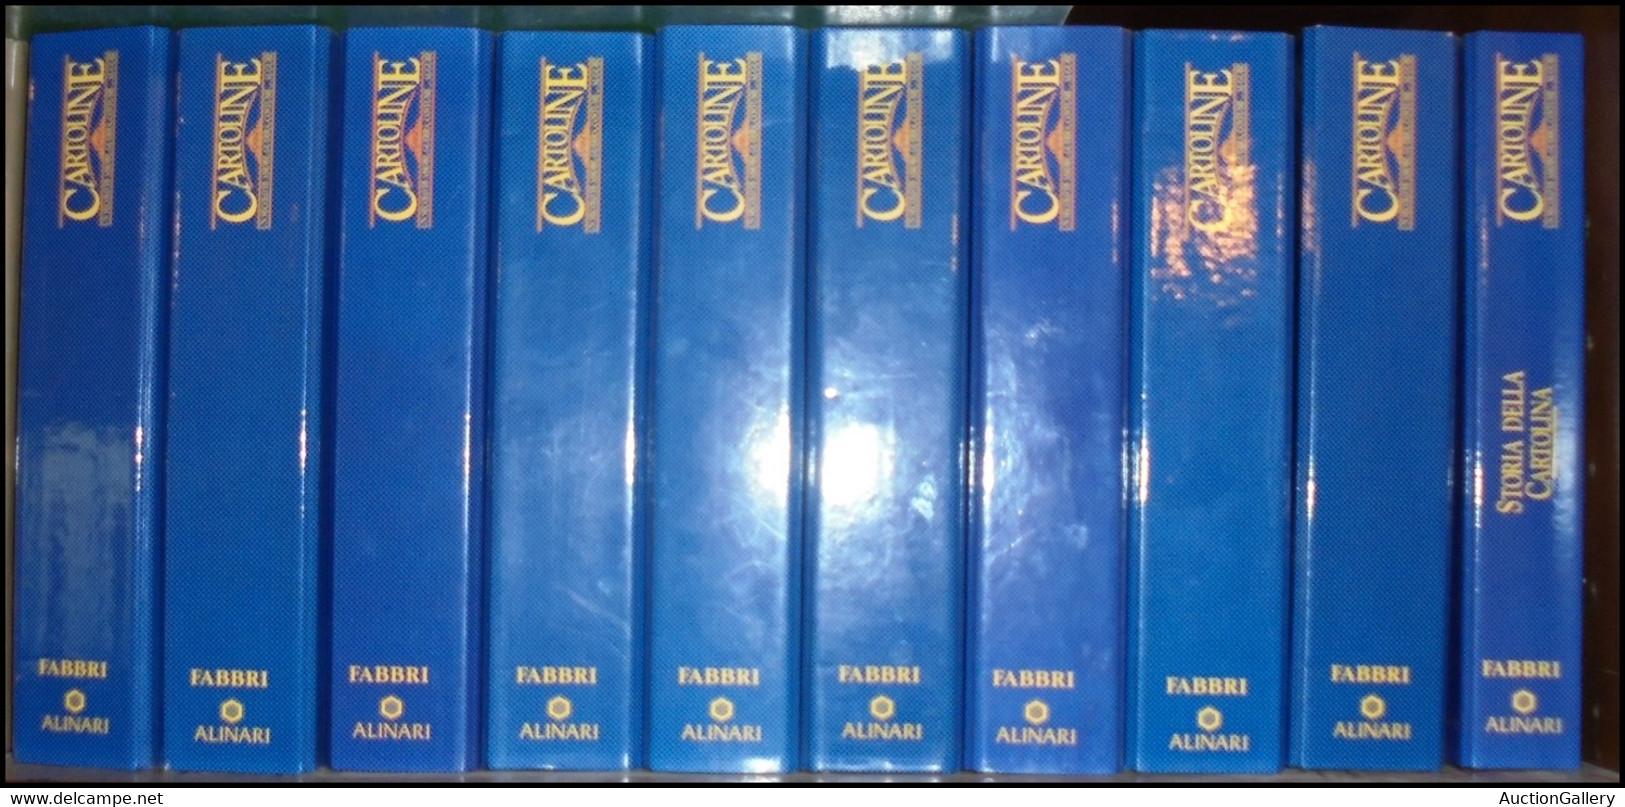 CARTOLINE- 1993 - Cartoline Un Secolo Di Amore Guerra Costume Auguri - Edizione Fabbri Alinari - 10 Volumi Completi Di R - Non Classificati